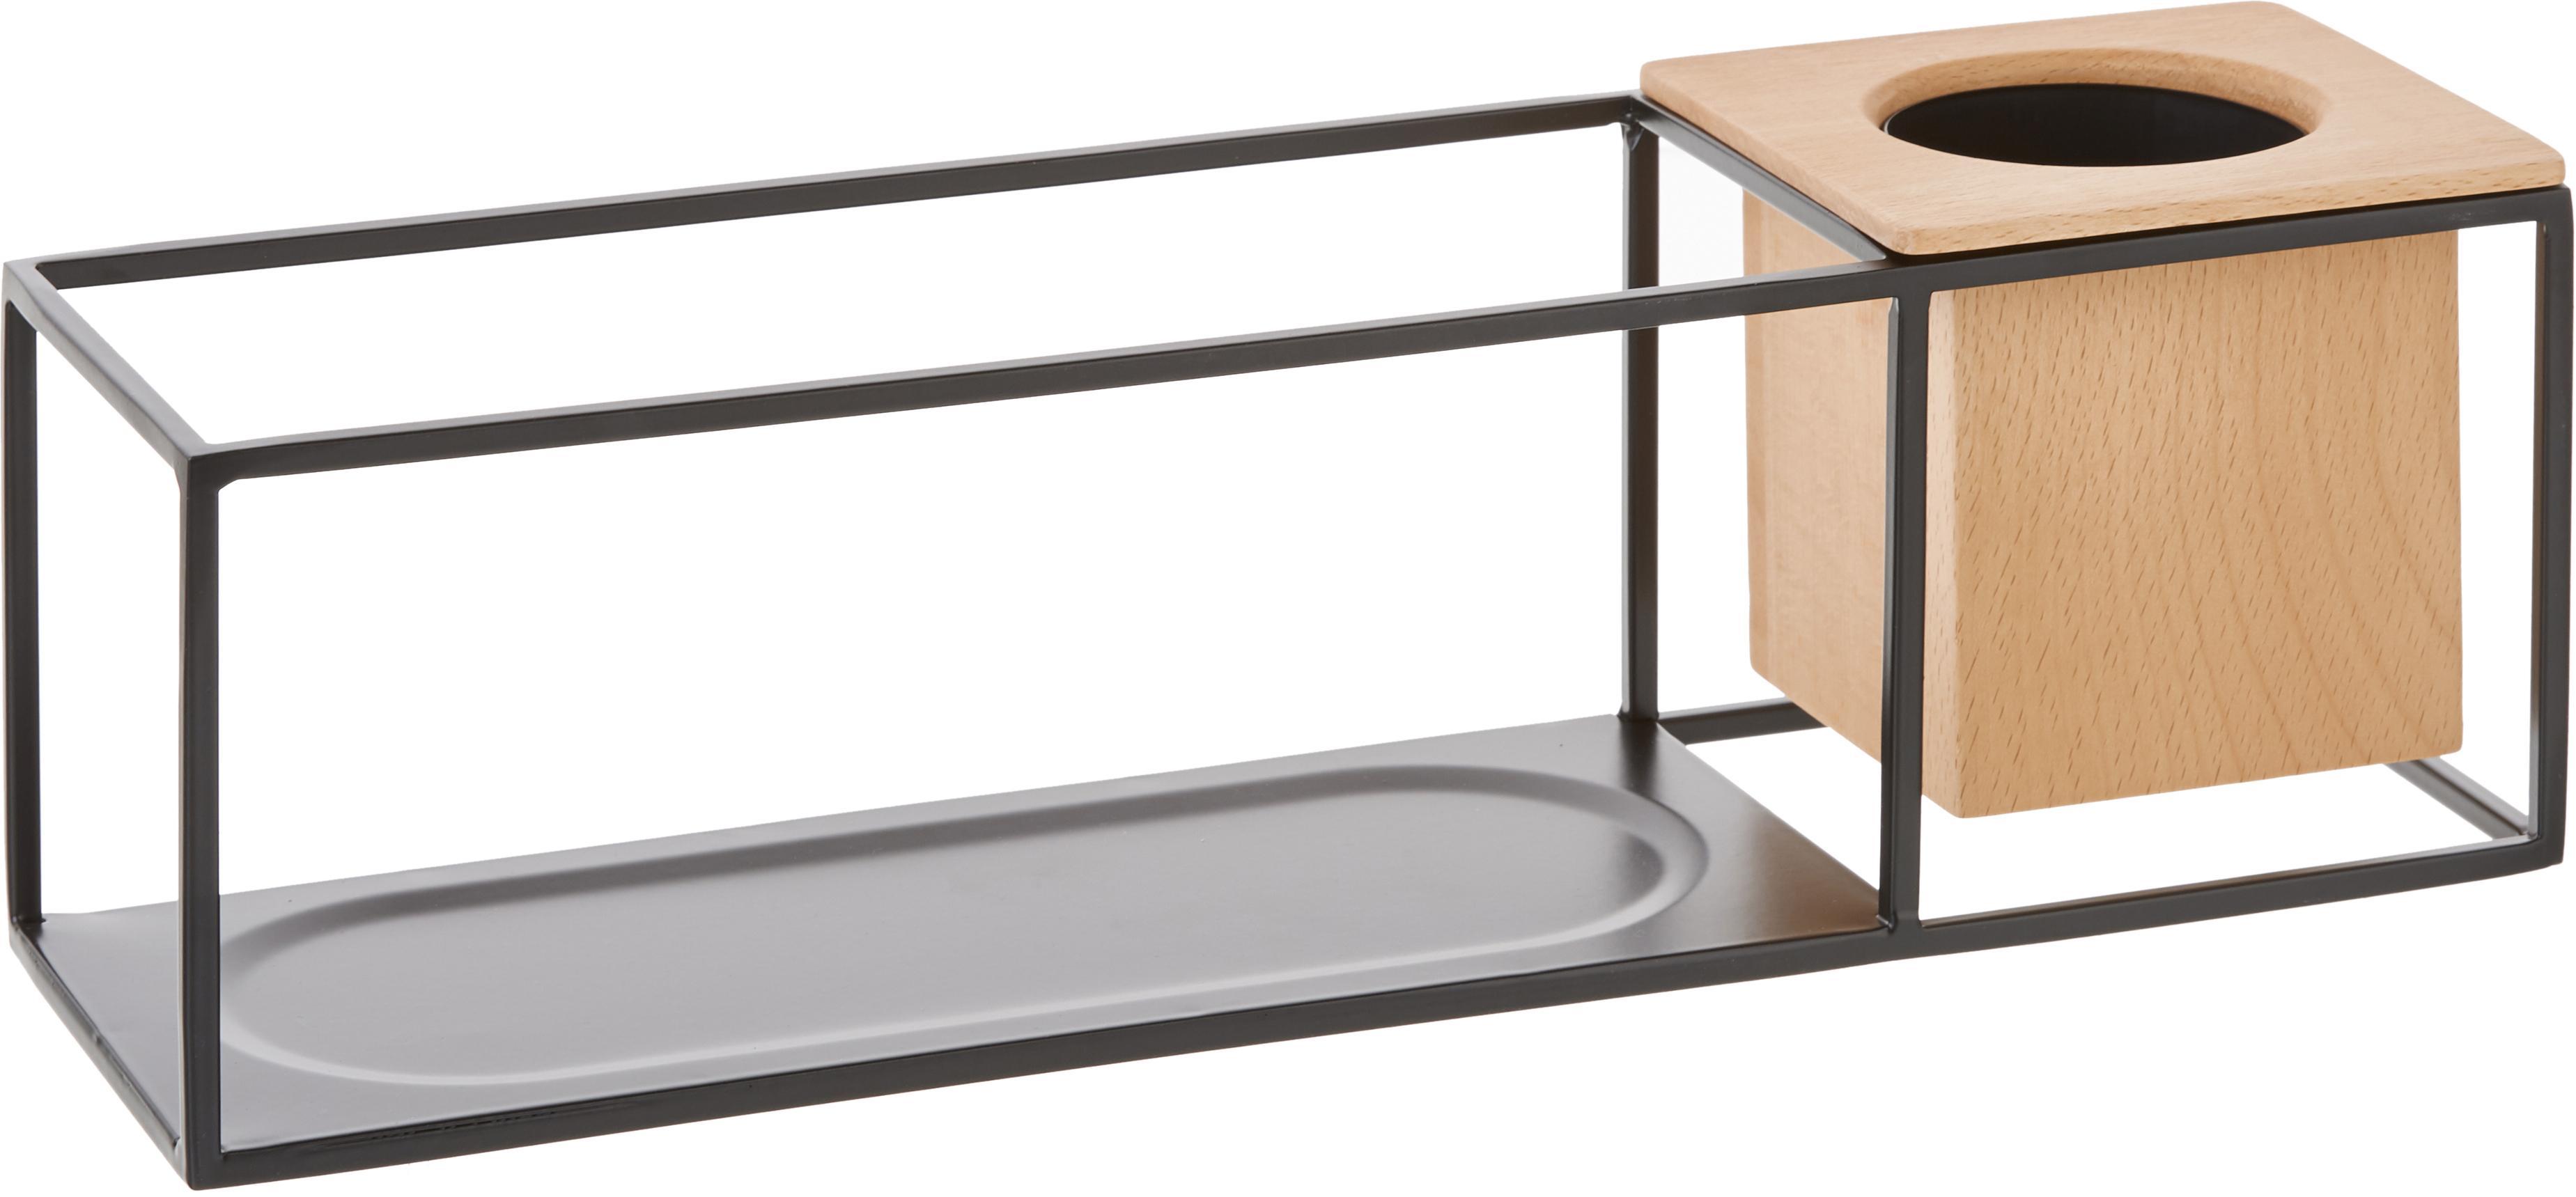 Estante de pared pequeño Cubist, Estantería: metal recubierto, Recipiente: madera de fresno con inse, Negro, beige, An 38 x Al 12 cm